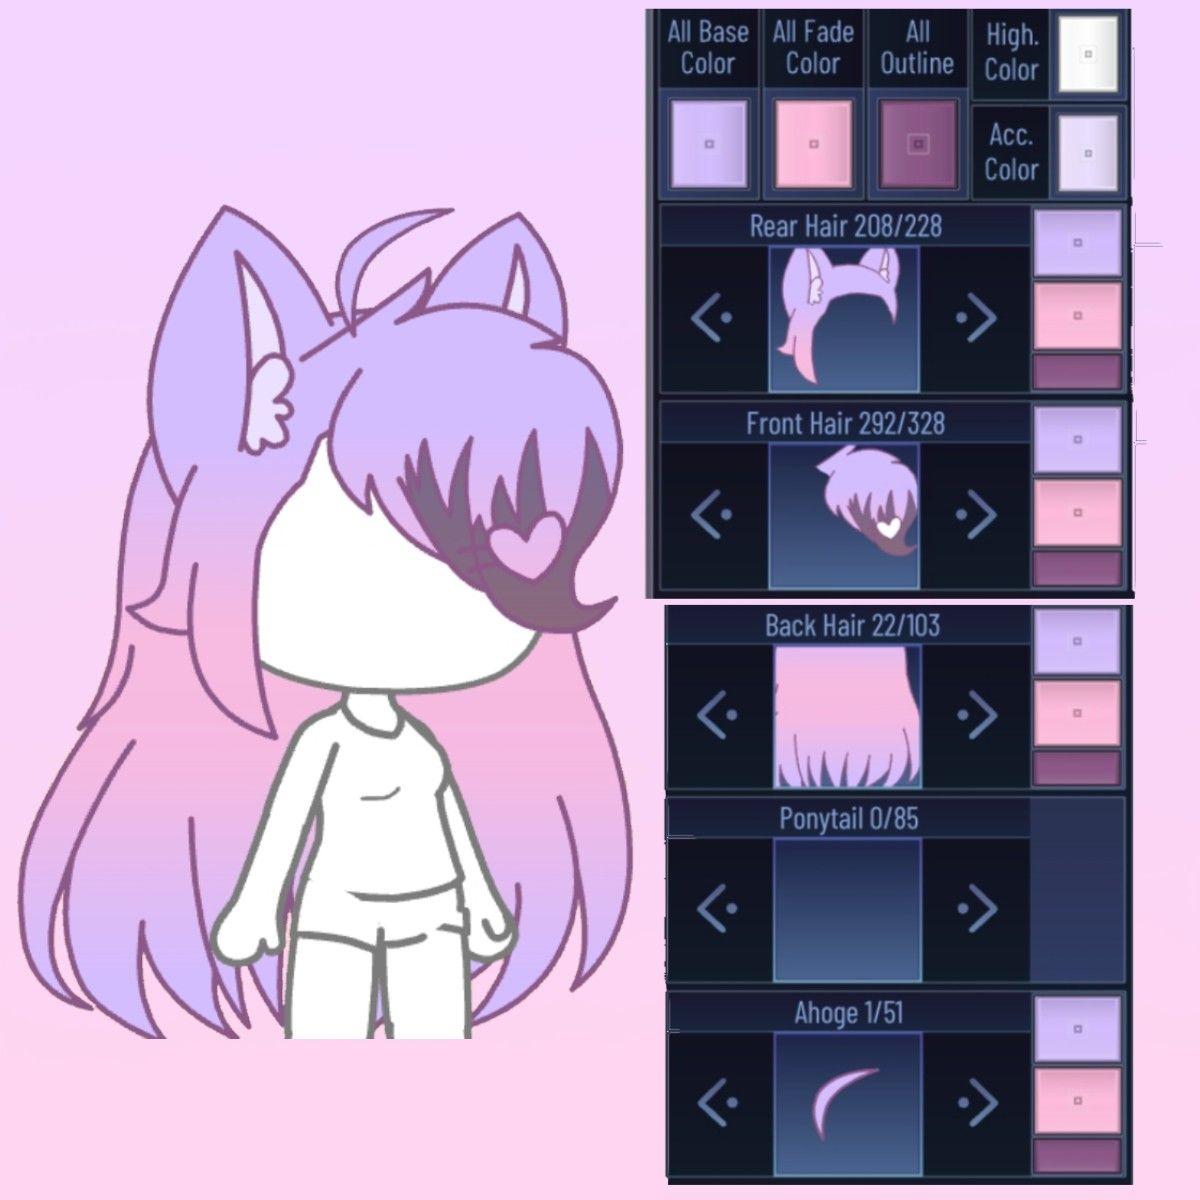 Gacha Hair 1 In 2020 Club Hairstyles Club Outfits Cute Cartoon Wallpapers